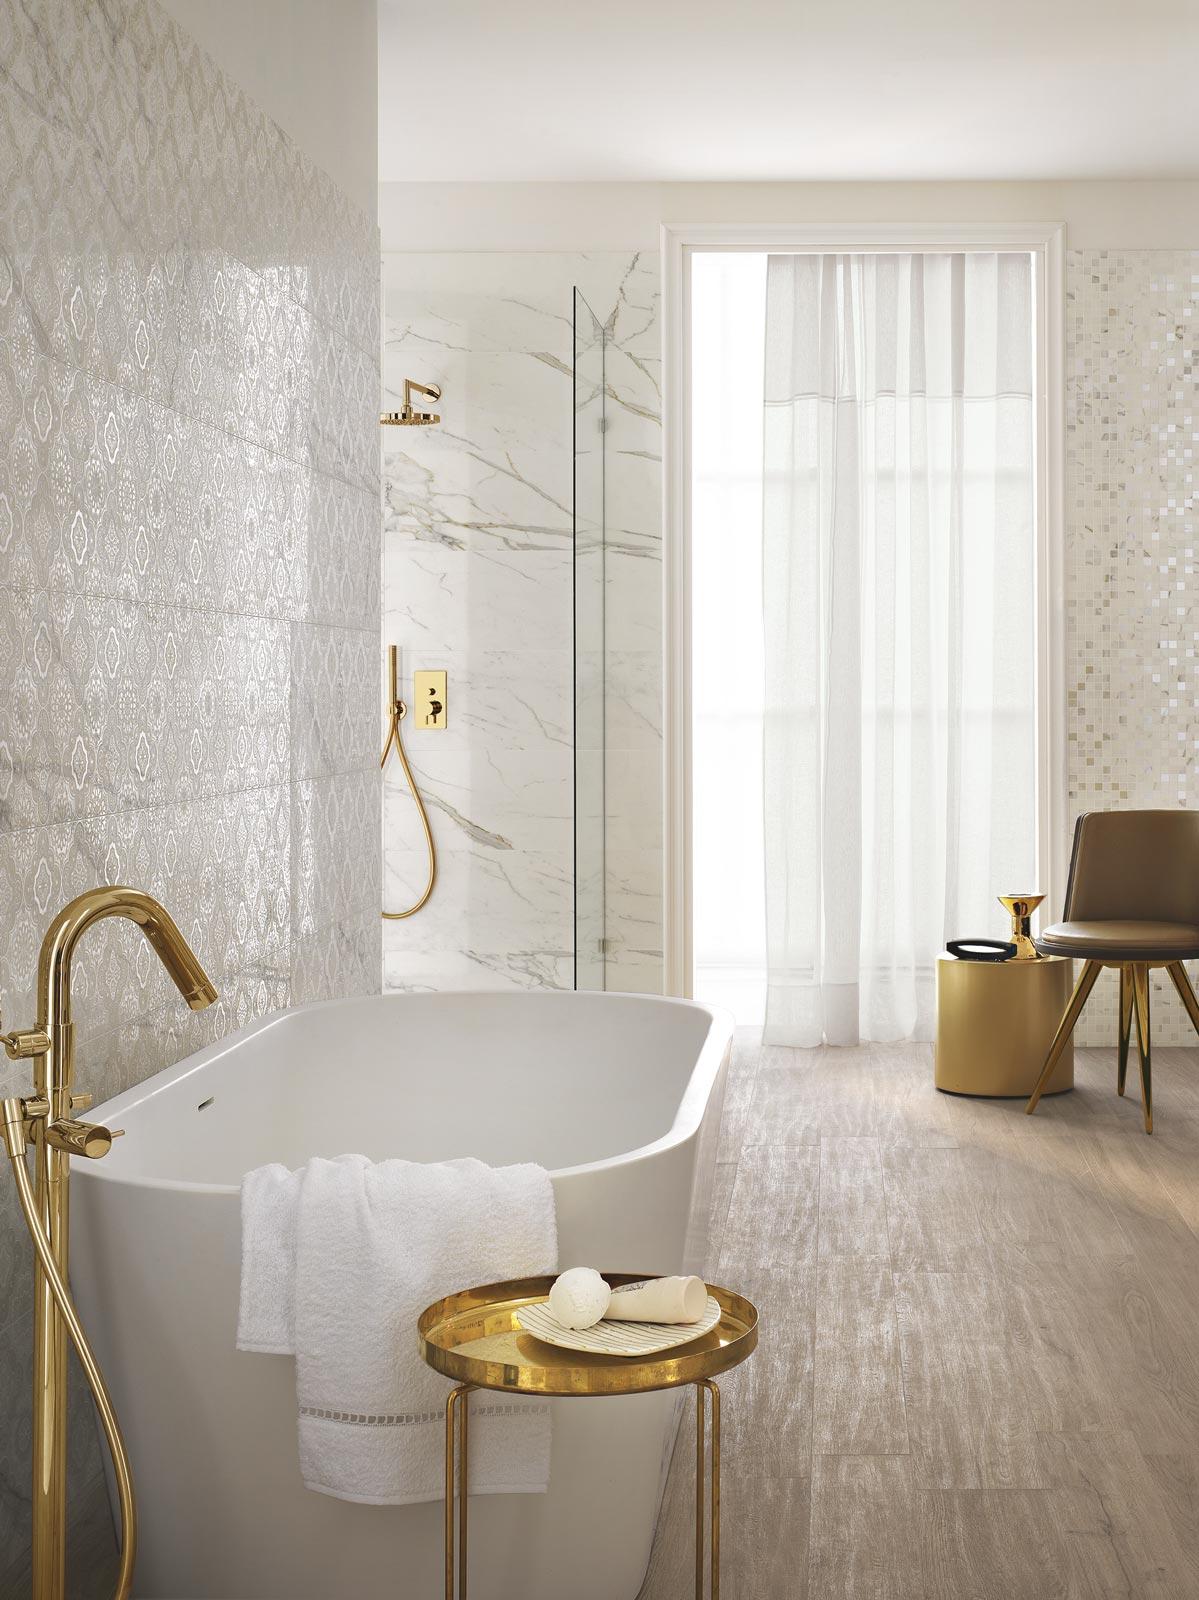 Collezione daylight rivestimenti bagno effetto marmo ragno - Smaltare piastrelle bagno ...